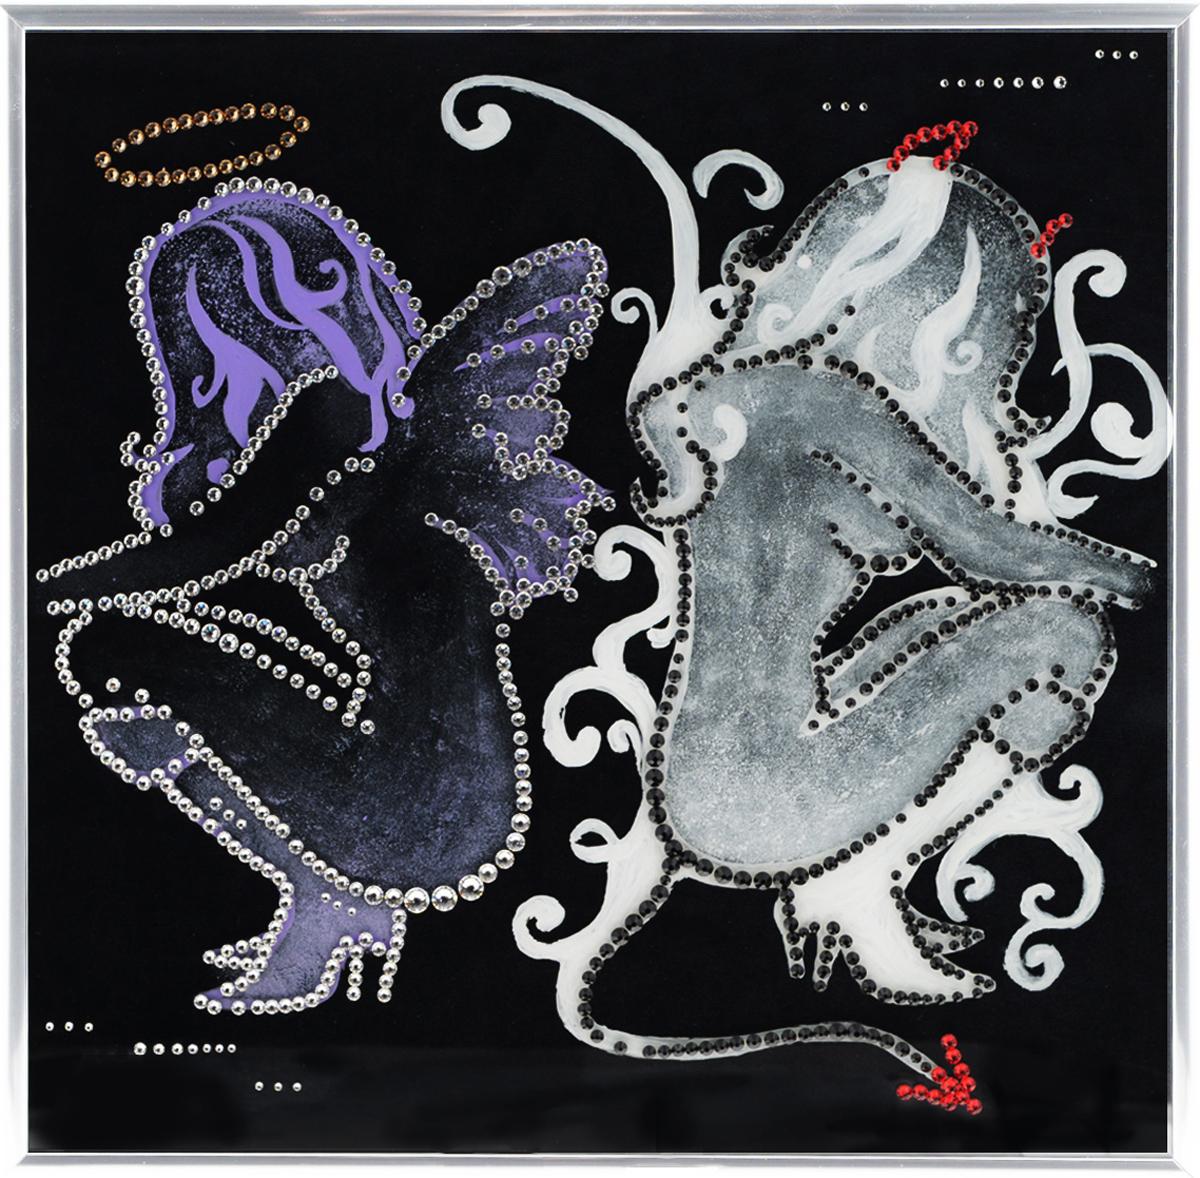 Картина с кристаллами Swarovski Ангел и демон, 30 х 30 см1052Изящная картина в металлической раме, инкрустирована кристаллами Swarovski, которые отличаются четкой и ровной огранкой, ярким блеском и чистотой цвета. Красочное изображение ангела и демона, расположенное под стеклом, прекрасно дополняет блеск кристаллов. С обратной стороны имеется металлическая петелька для размещения картины на стене. Картина с кристаллами Swarovski Ангел и демон элегантно украсит интерьер дома или офиса, а также станет прекрасным подарком, который обязательно понравится получателю. Блеск кристаллов в интерьере, что может быть сказочнее и удивительнее. Картина упакована в подарочную картонную коробку синего цвета и комплектуется сертификатом соответствия Swarovski.